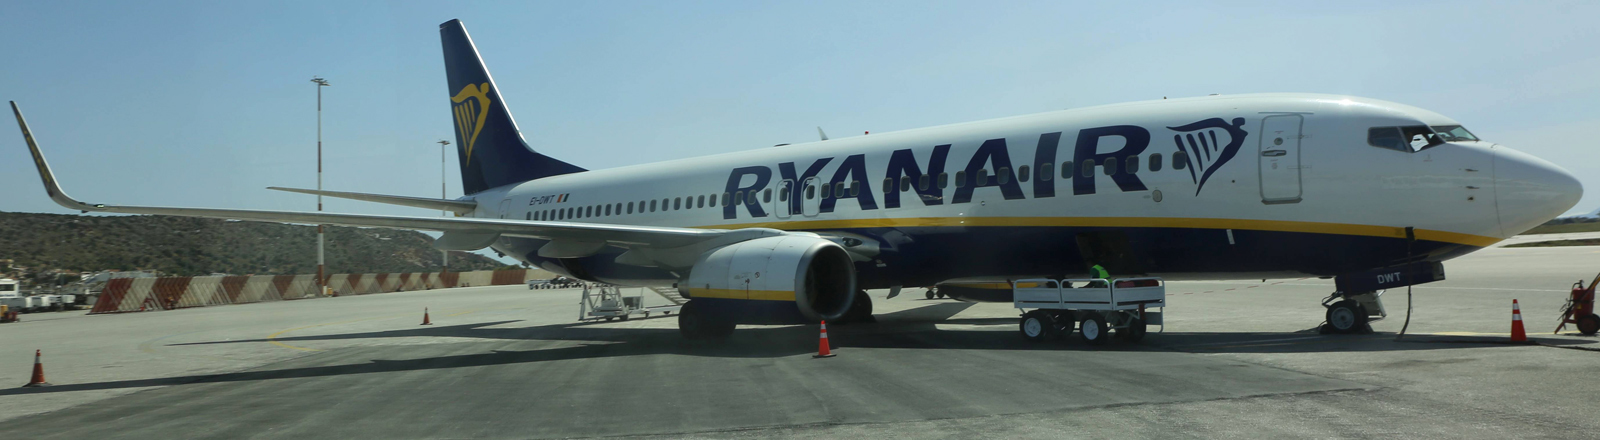 Flugzeug von Ryan Air auf einem Flugfeld